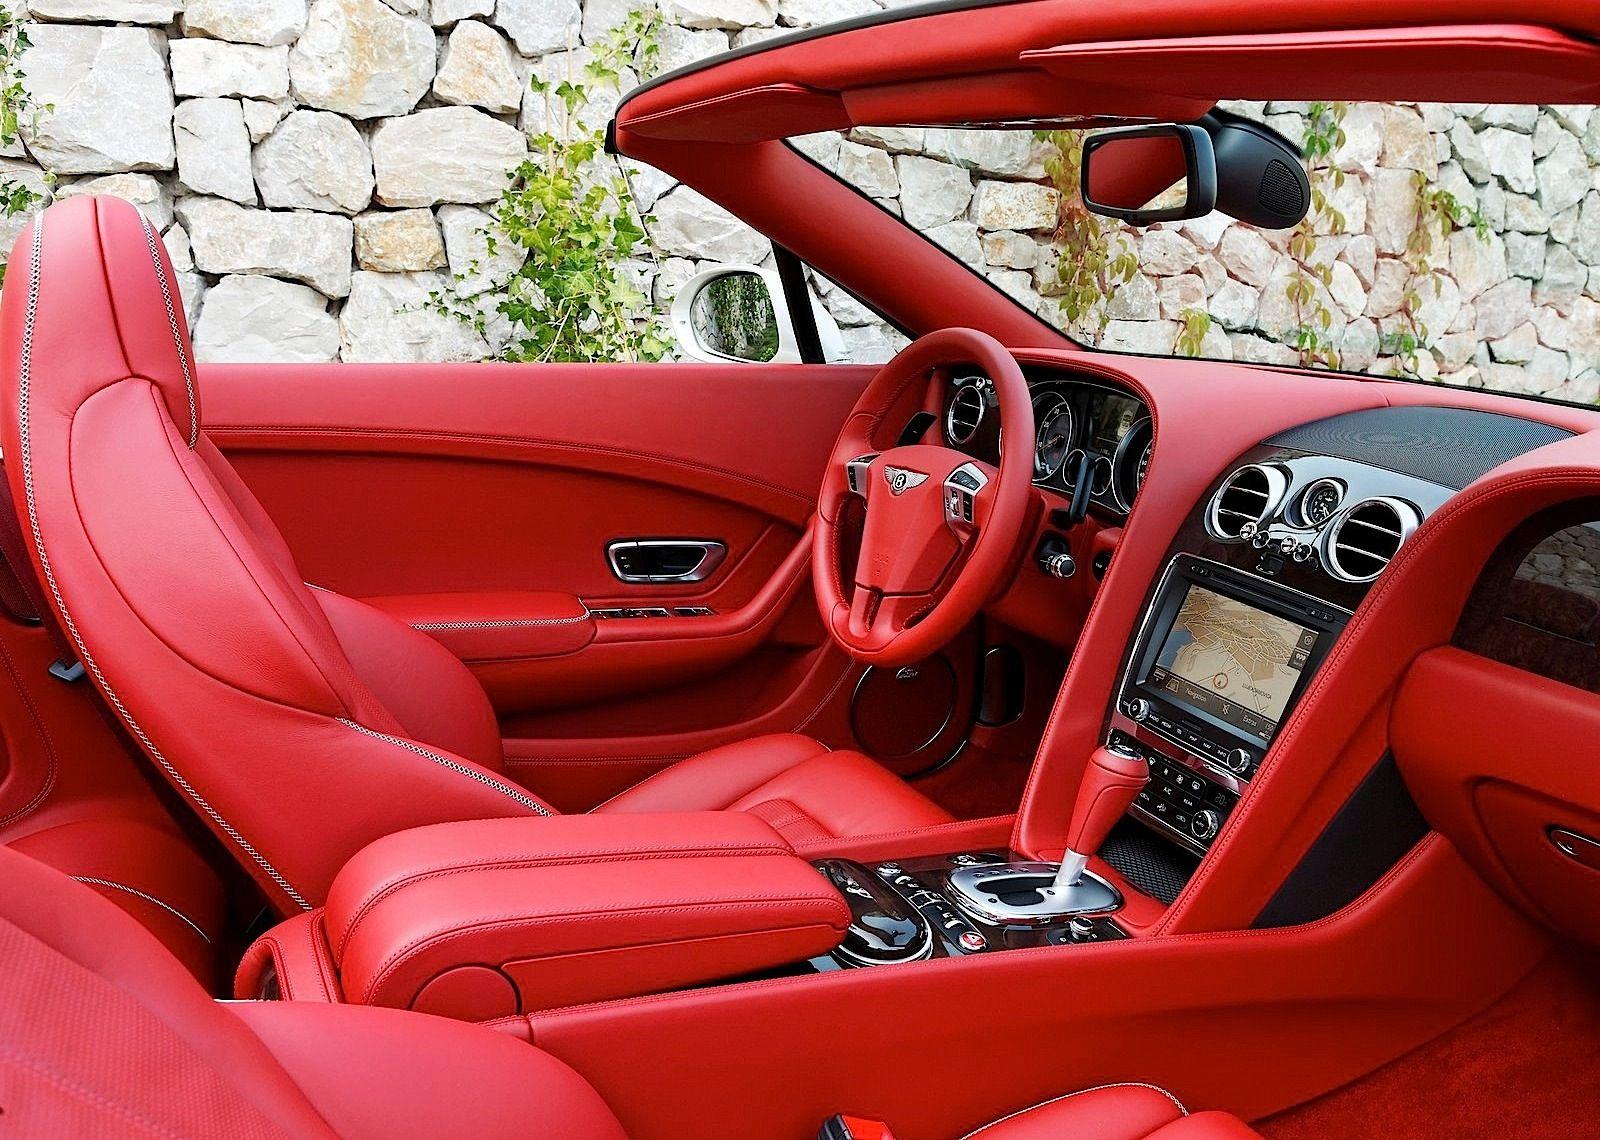 Bentley Continental Gtc Interior Cars Bentley Pinterest